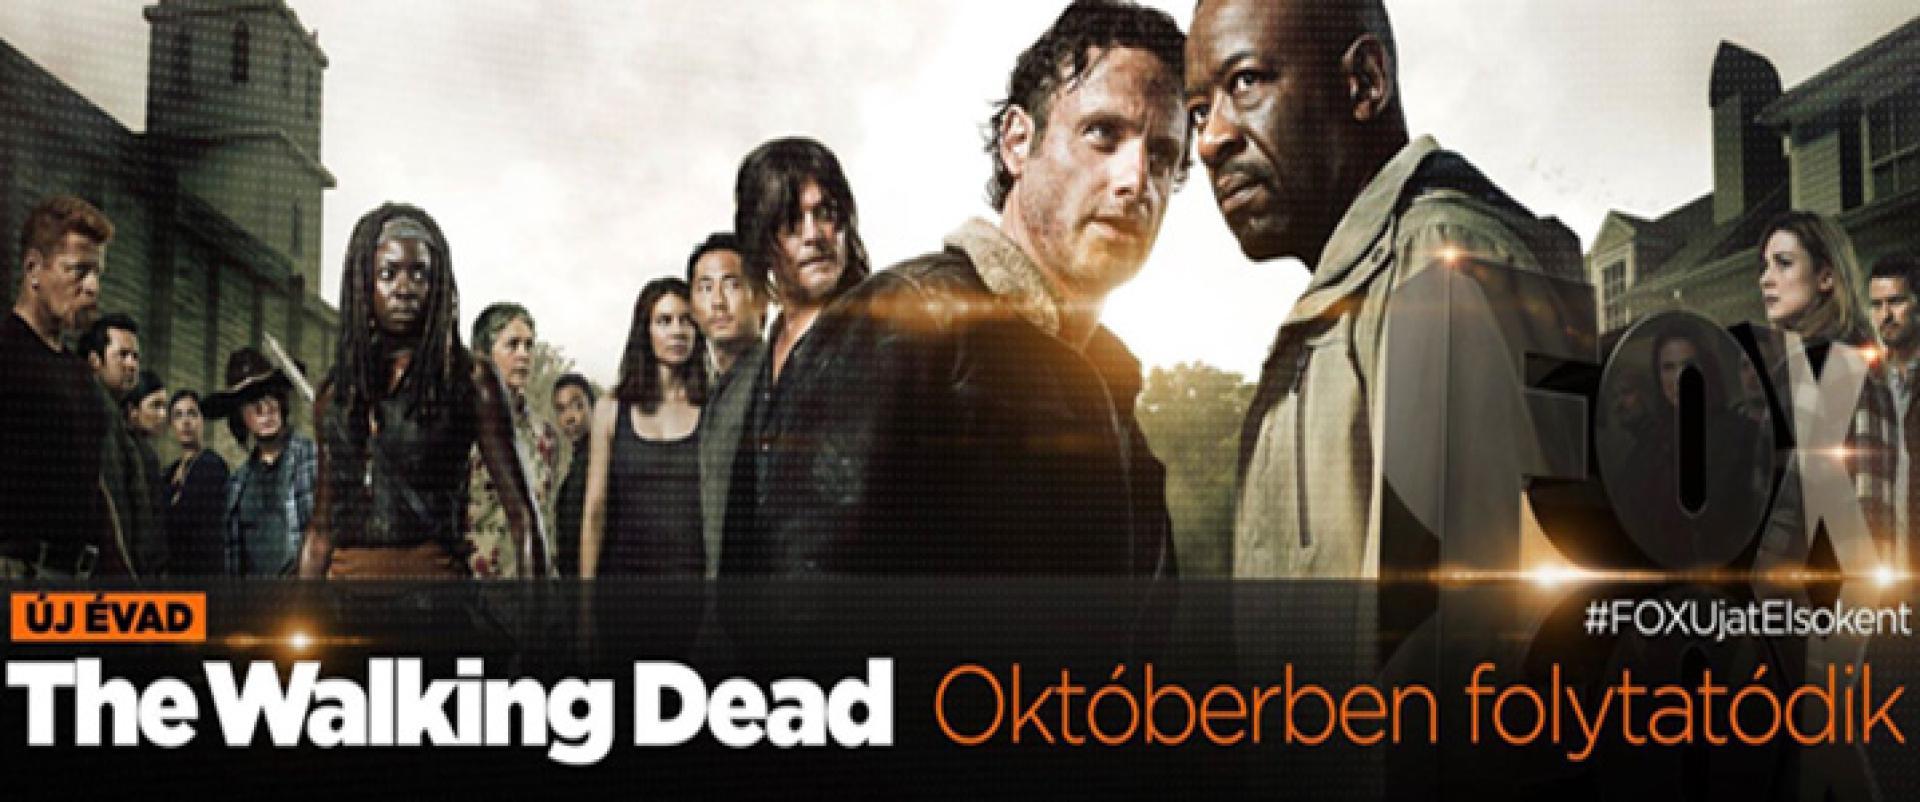 The Walking Dead 6x05